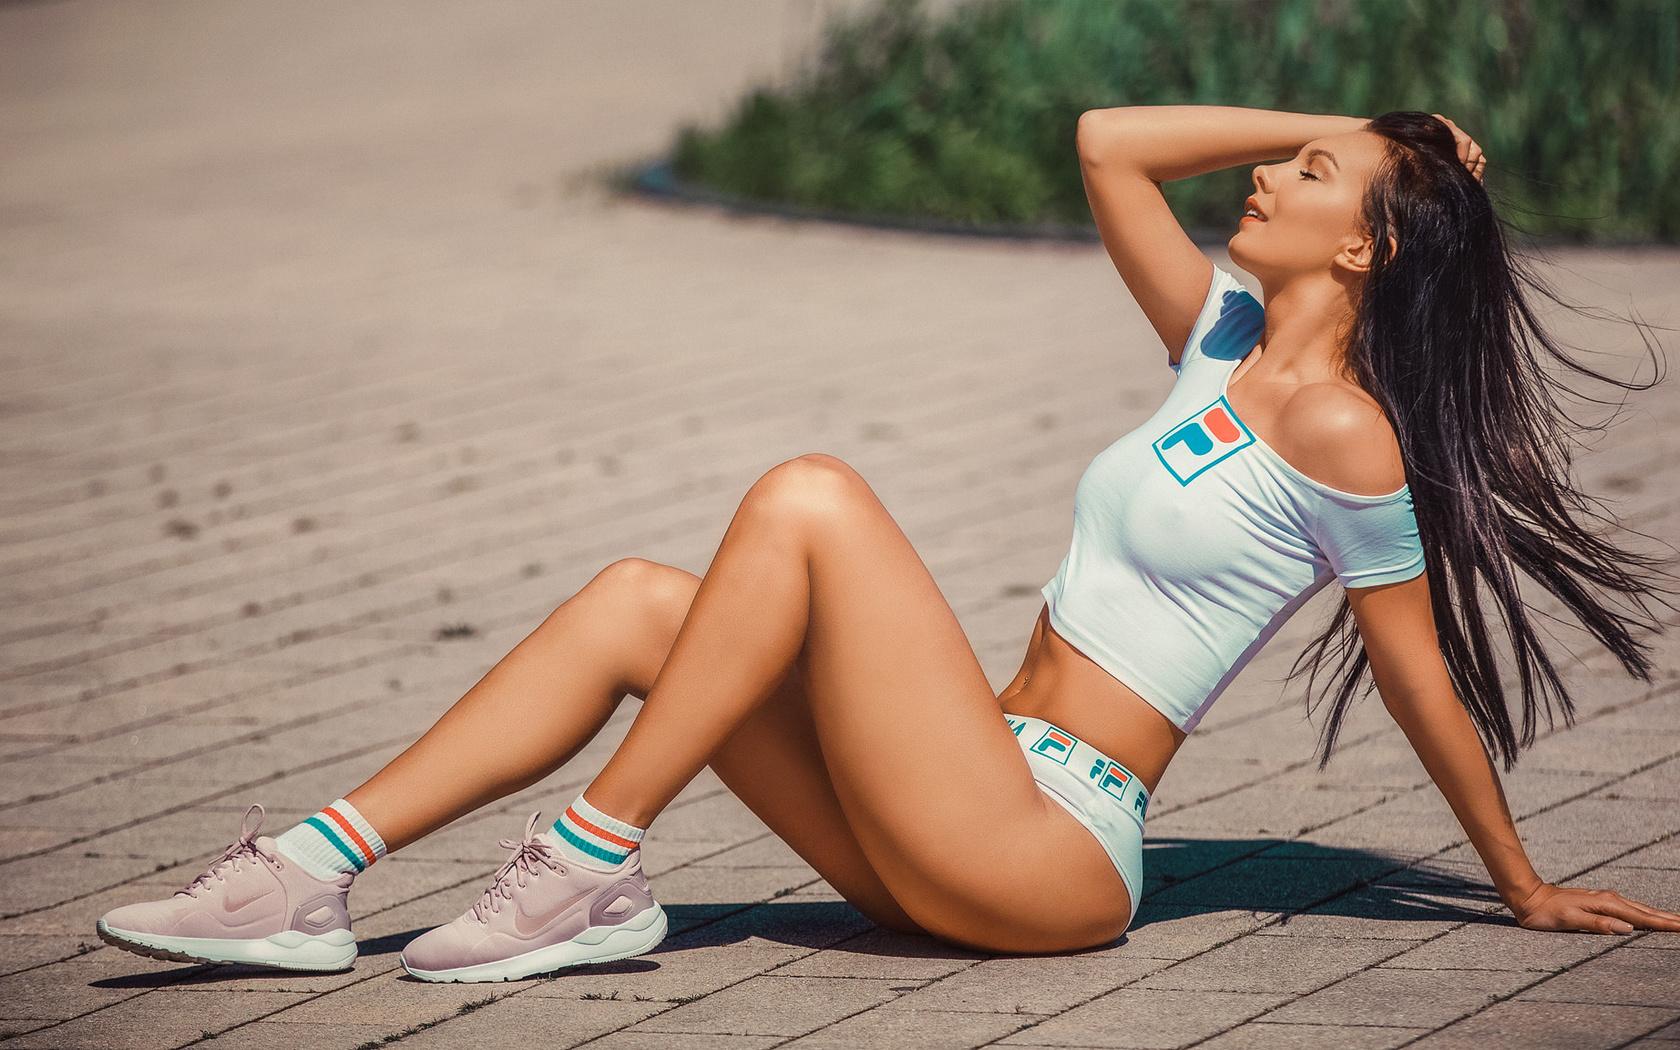 Фото спортивных девочек ножки, Девушки с невероятно красивыми и спортивными 1 фотография